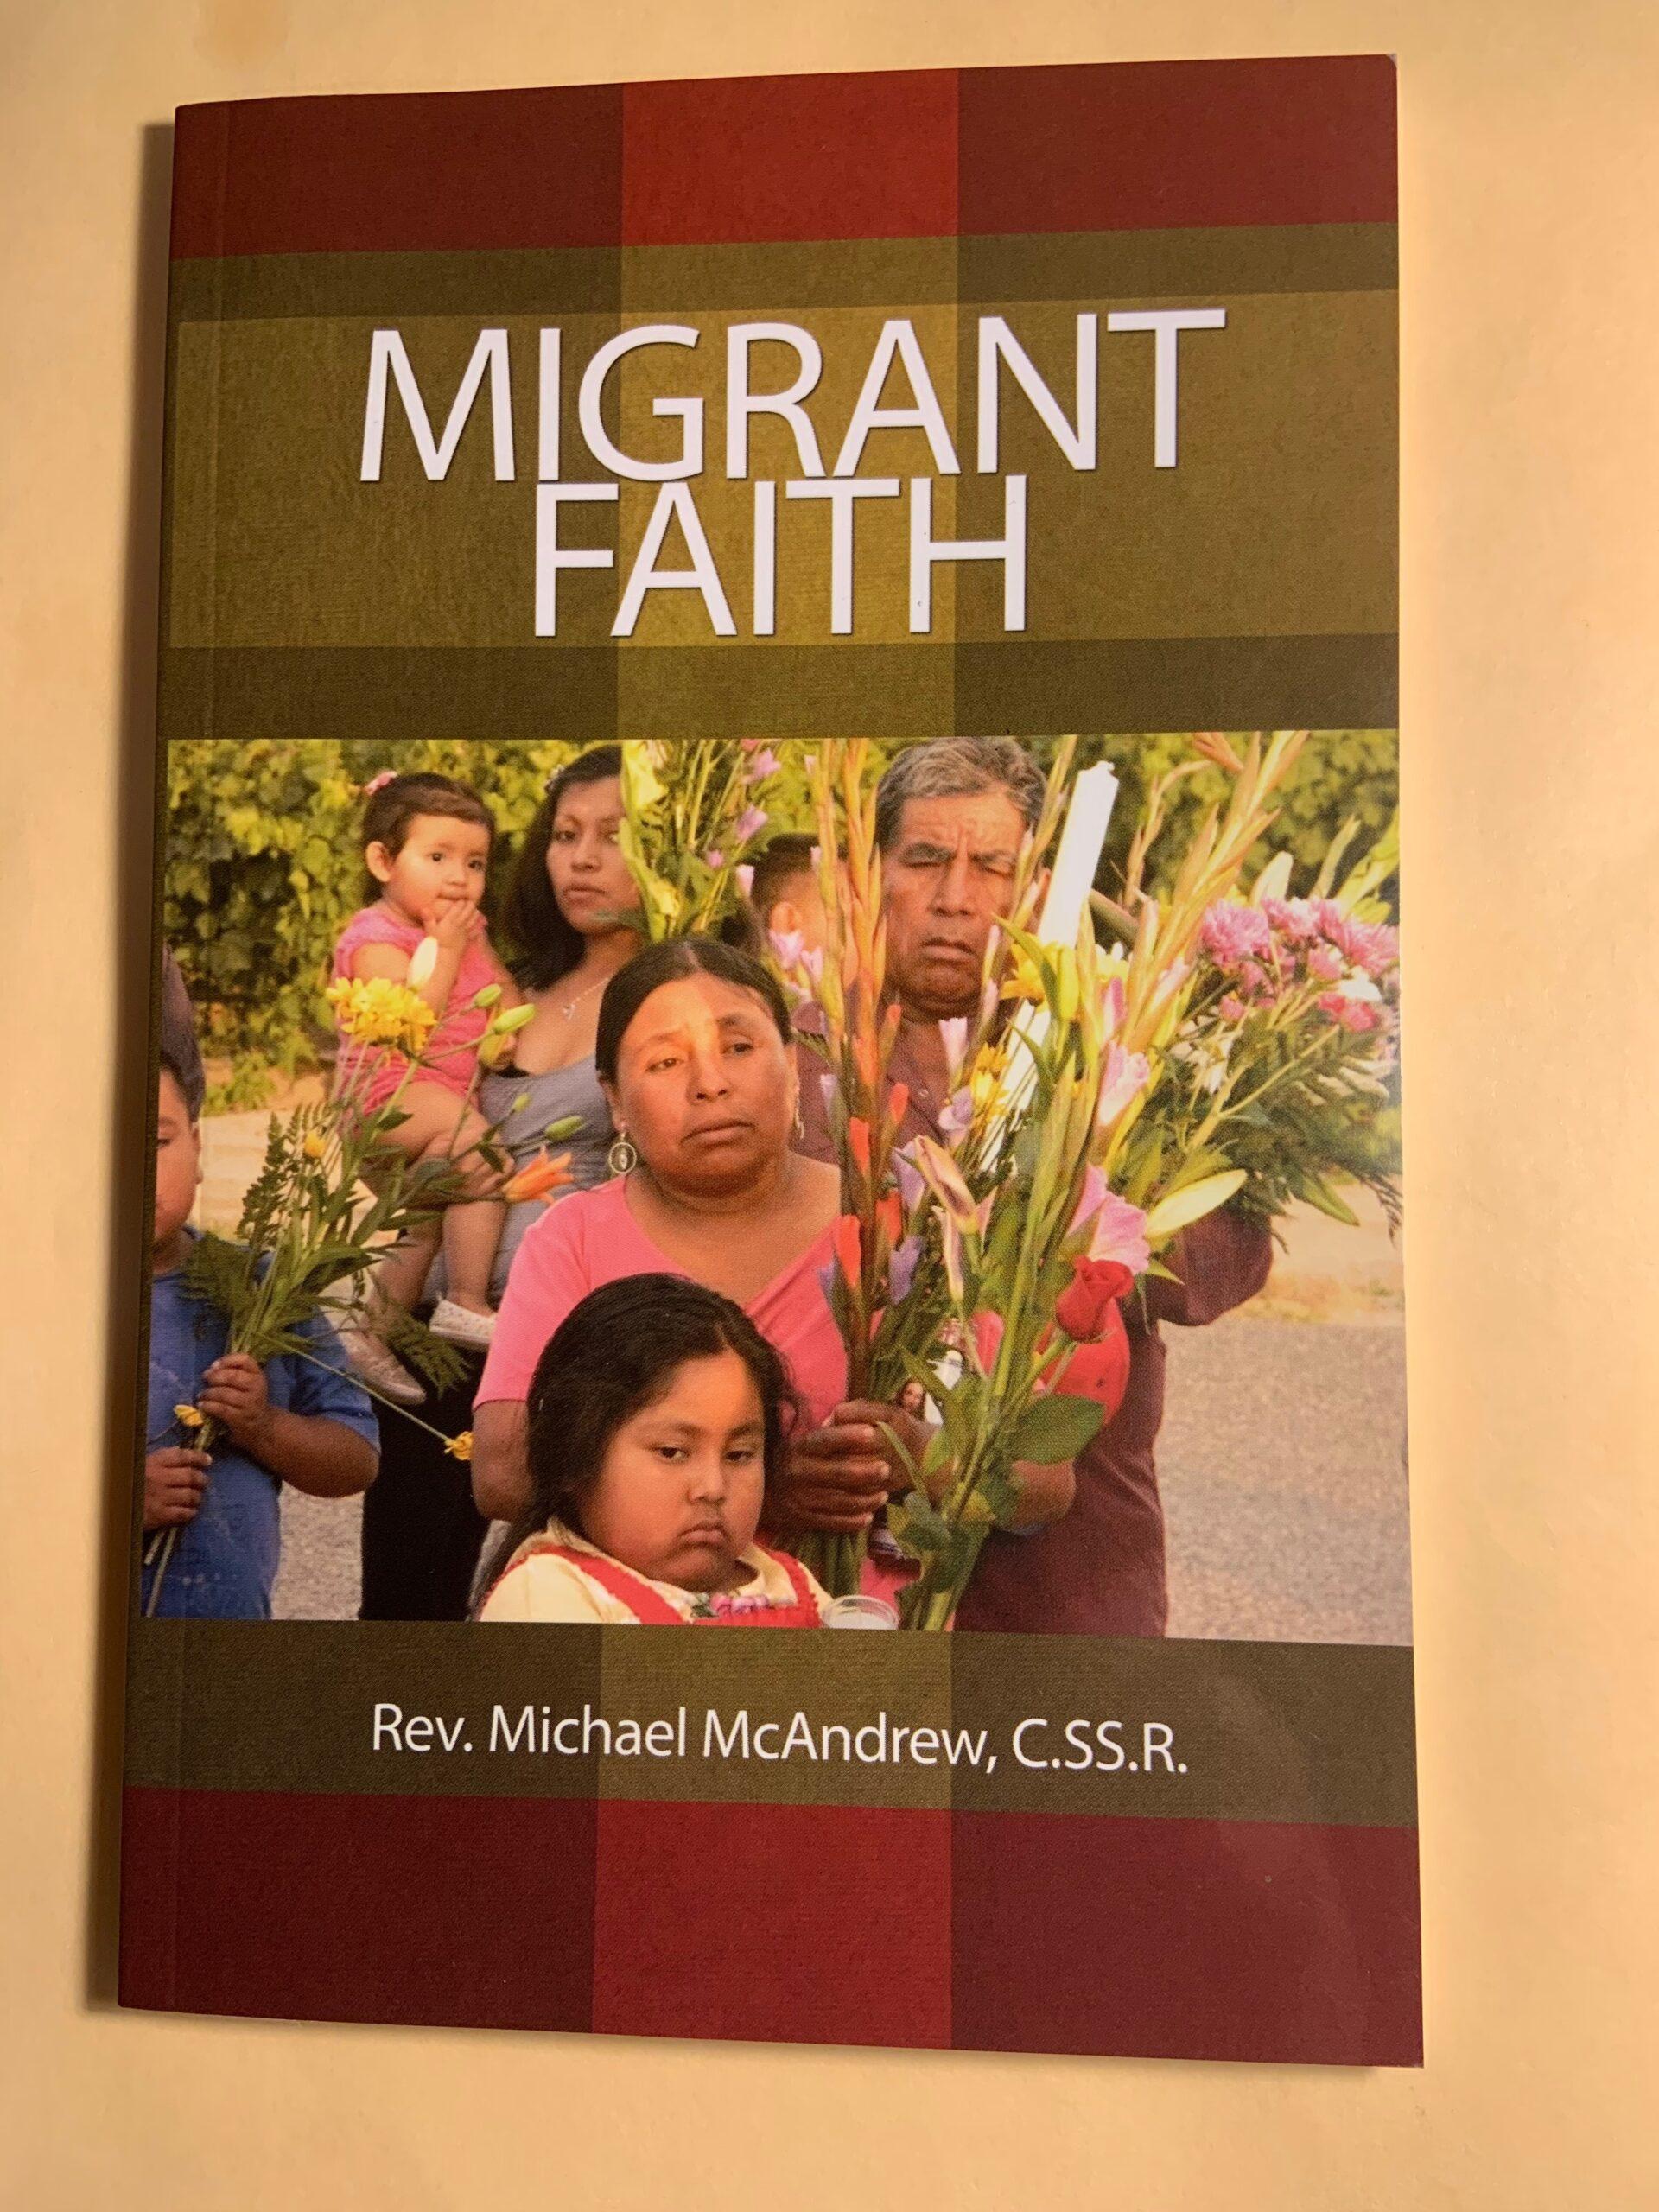 Migrant Faith, Introduction